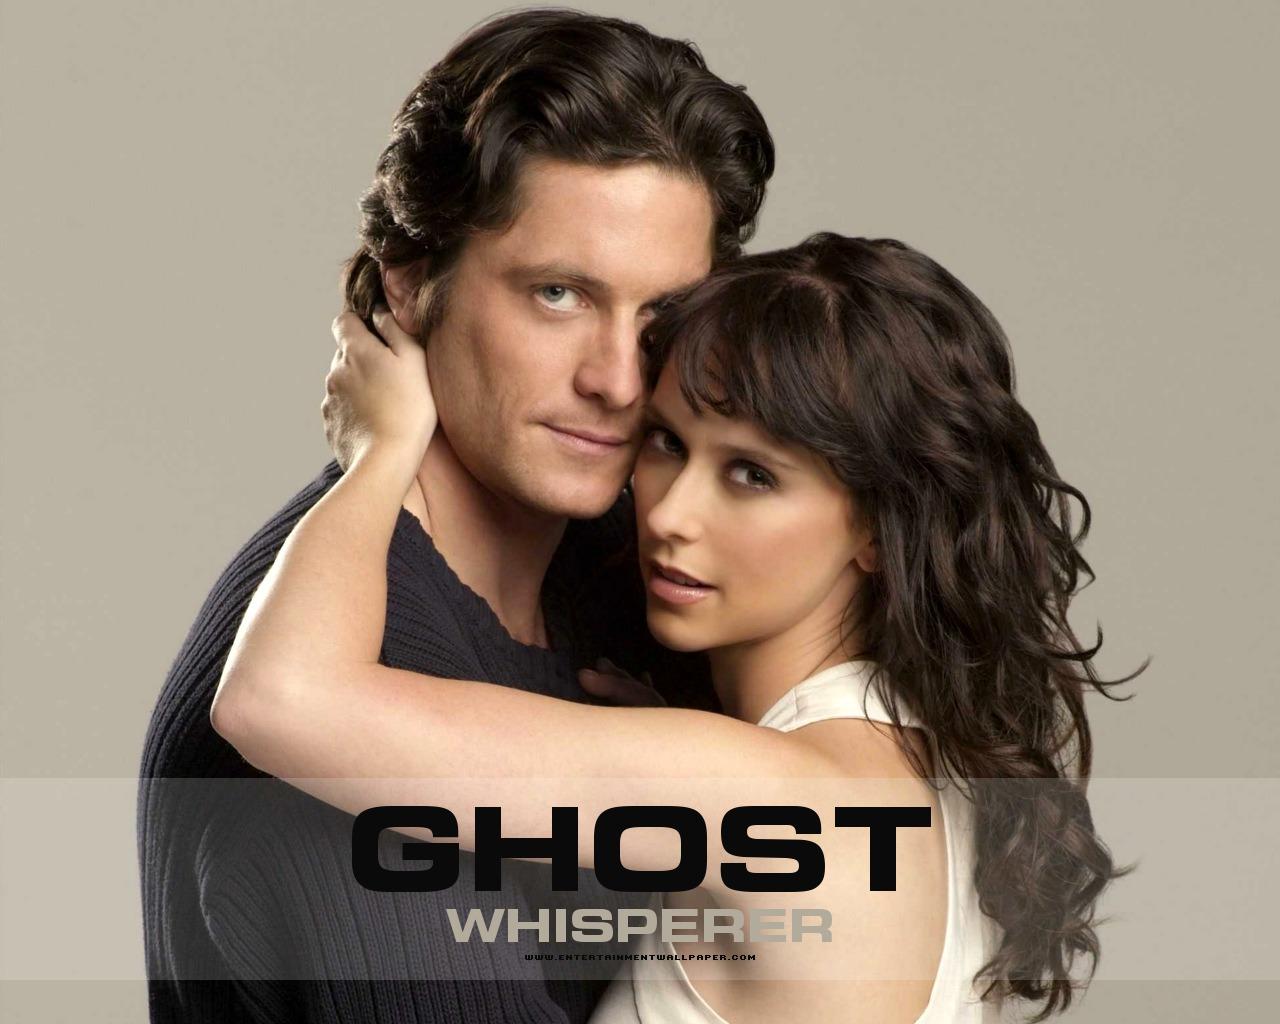 http://4.bp.blogspot.com/_mDez8jO-R7c/TUQpDfuW5-I/AAAAAAAAABk/xzAPooTCFAM/s1600/tv_ghost_whisperer03.jpg